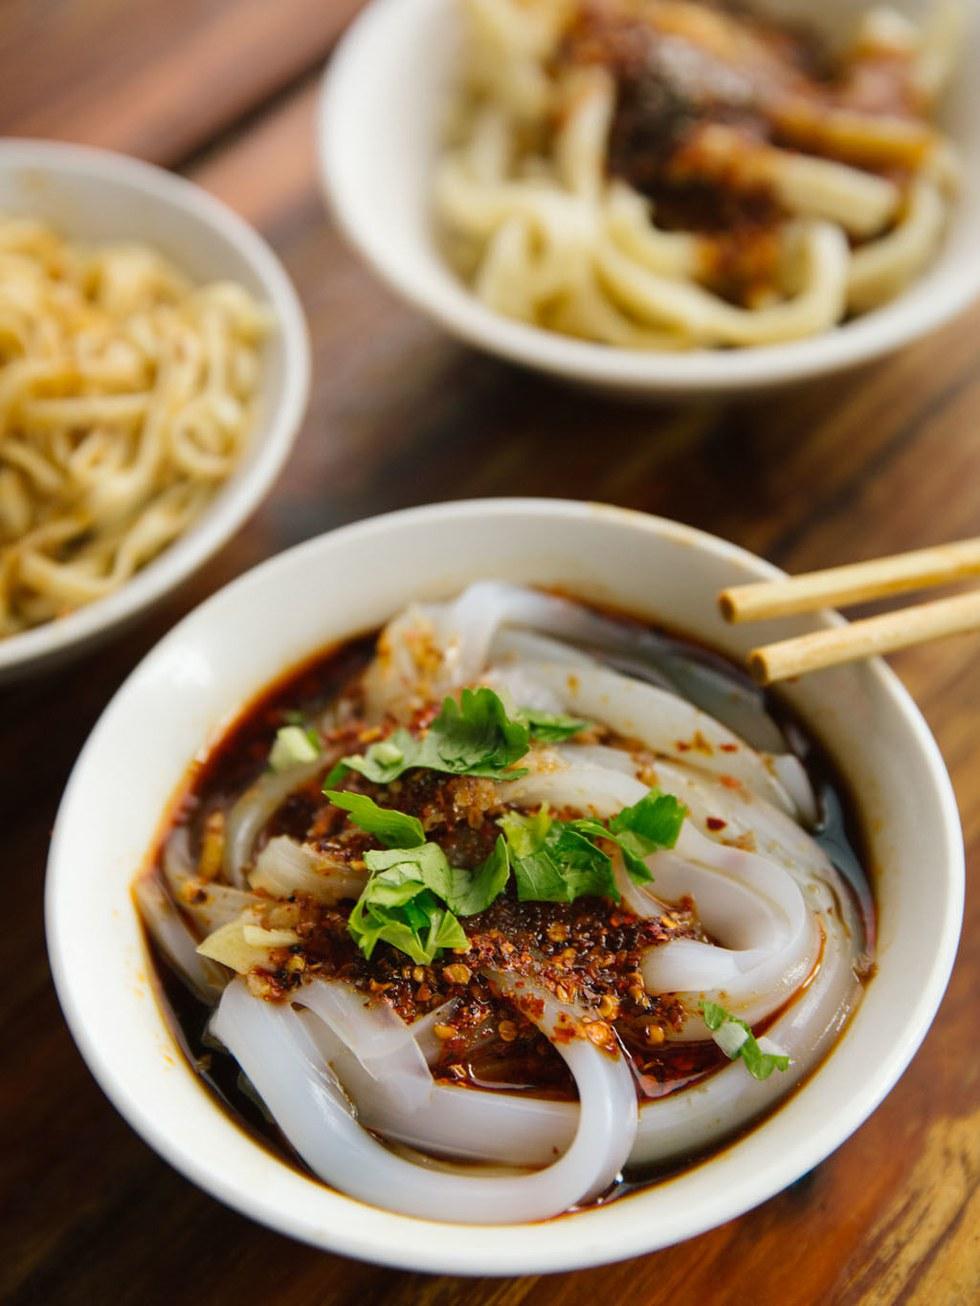 Sky\u2013water noodles at Dongzi Kouzhang Lao'er Liangfen